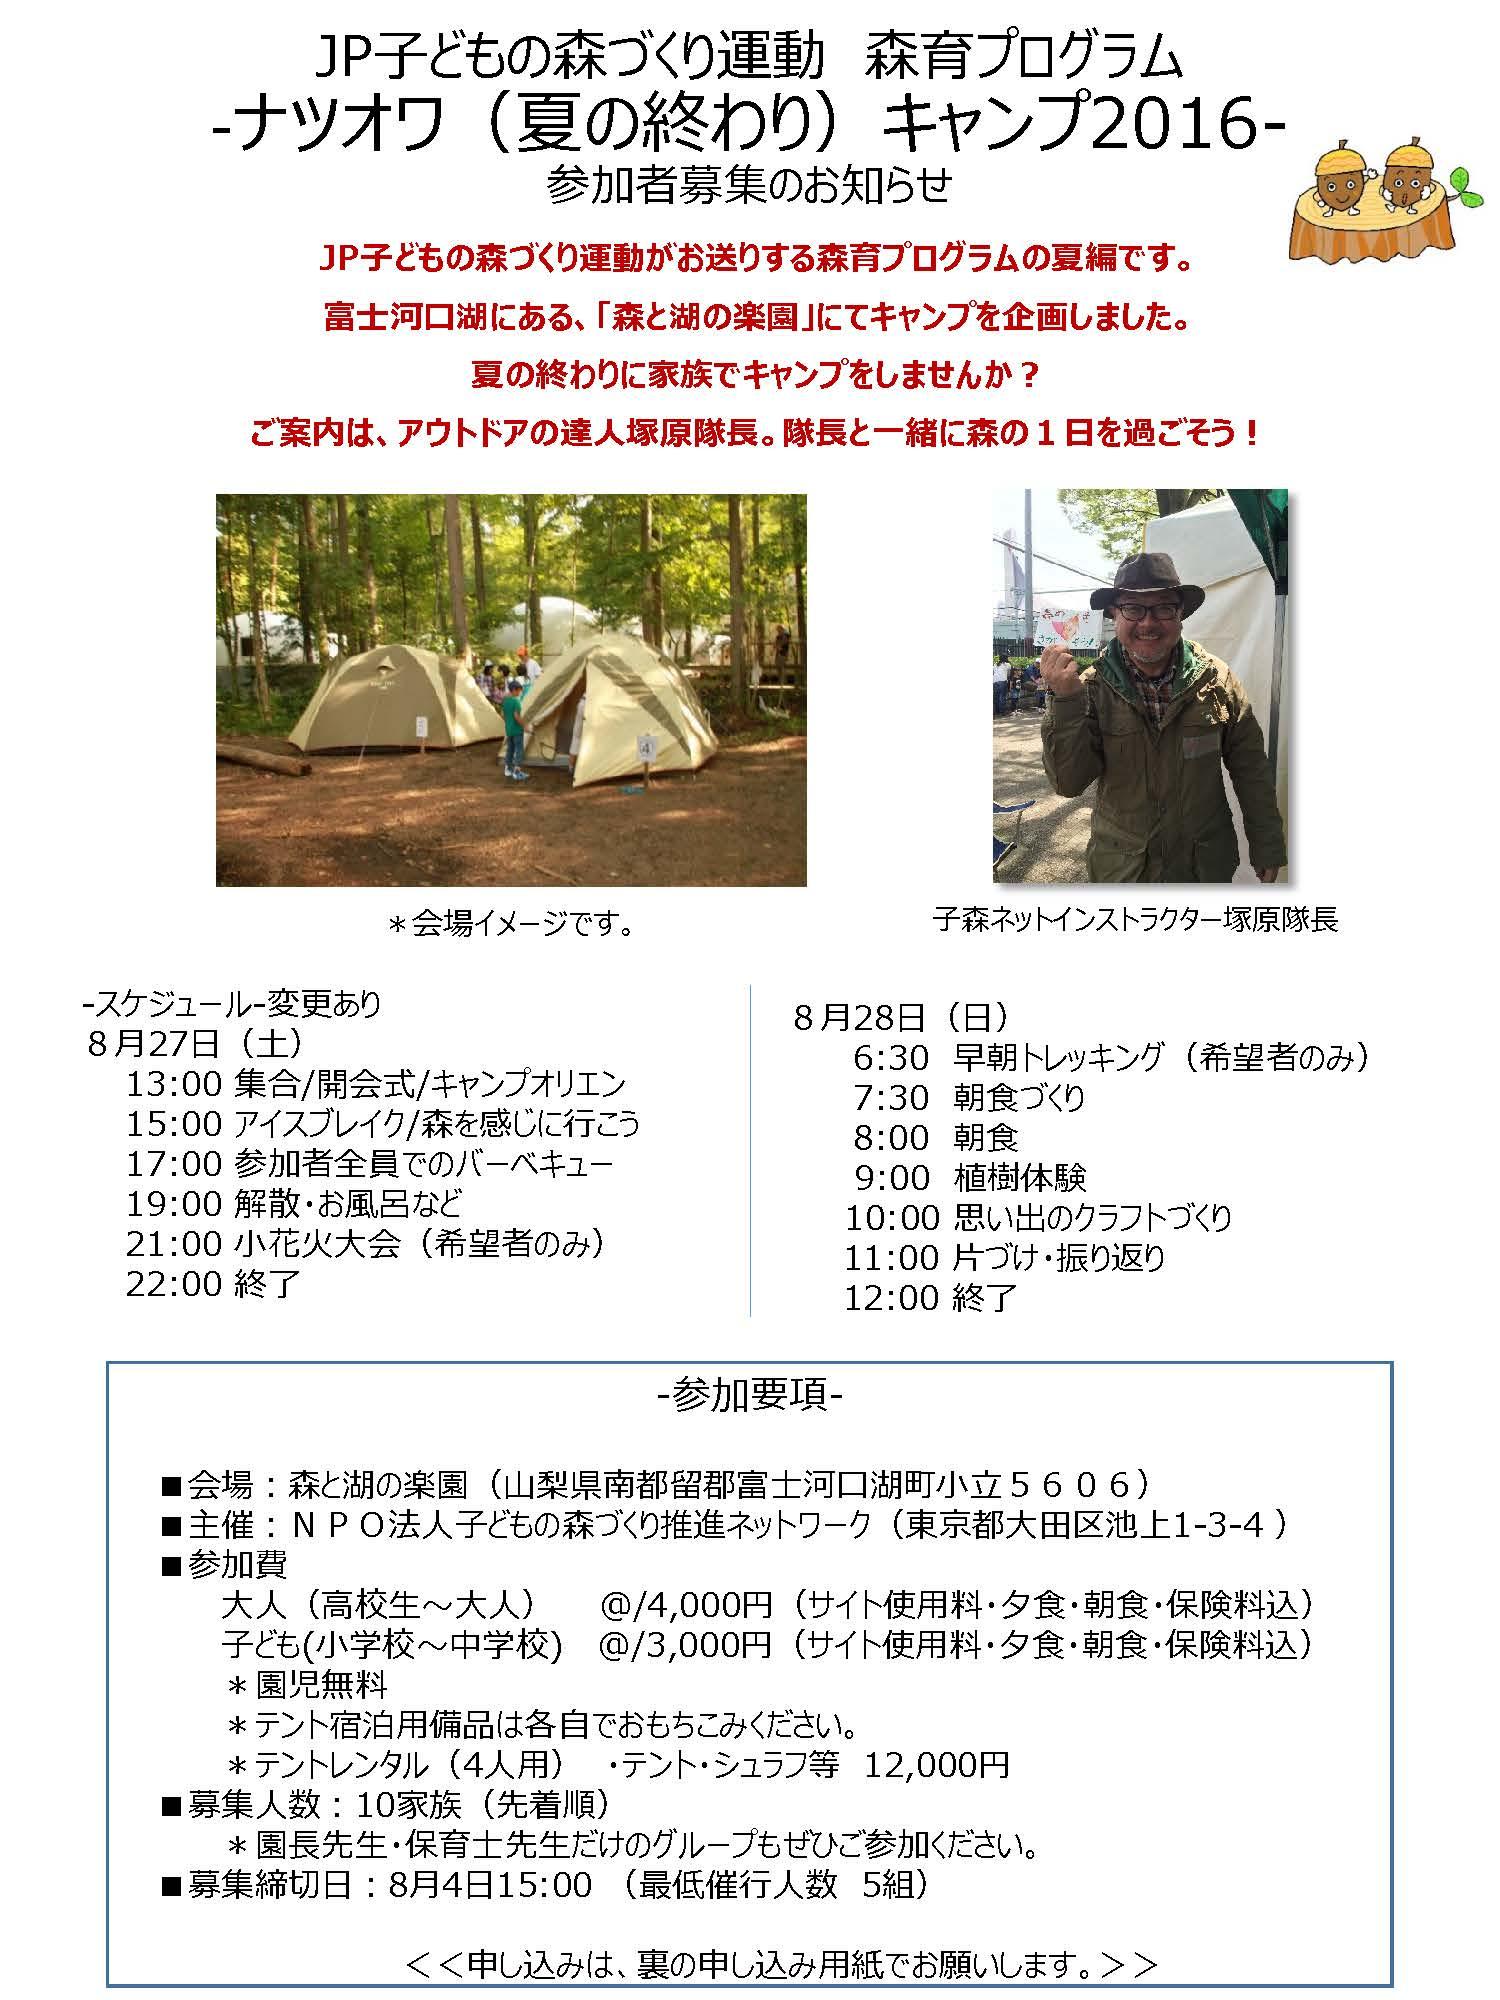 夏の終わりのキャンプ2016(改訂)_ページ_1